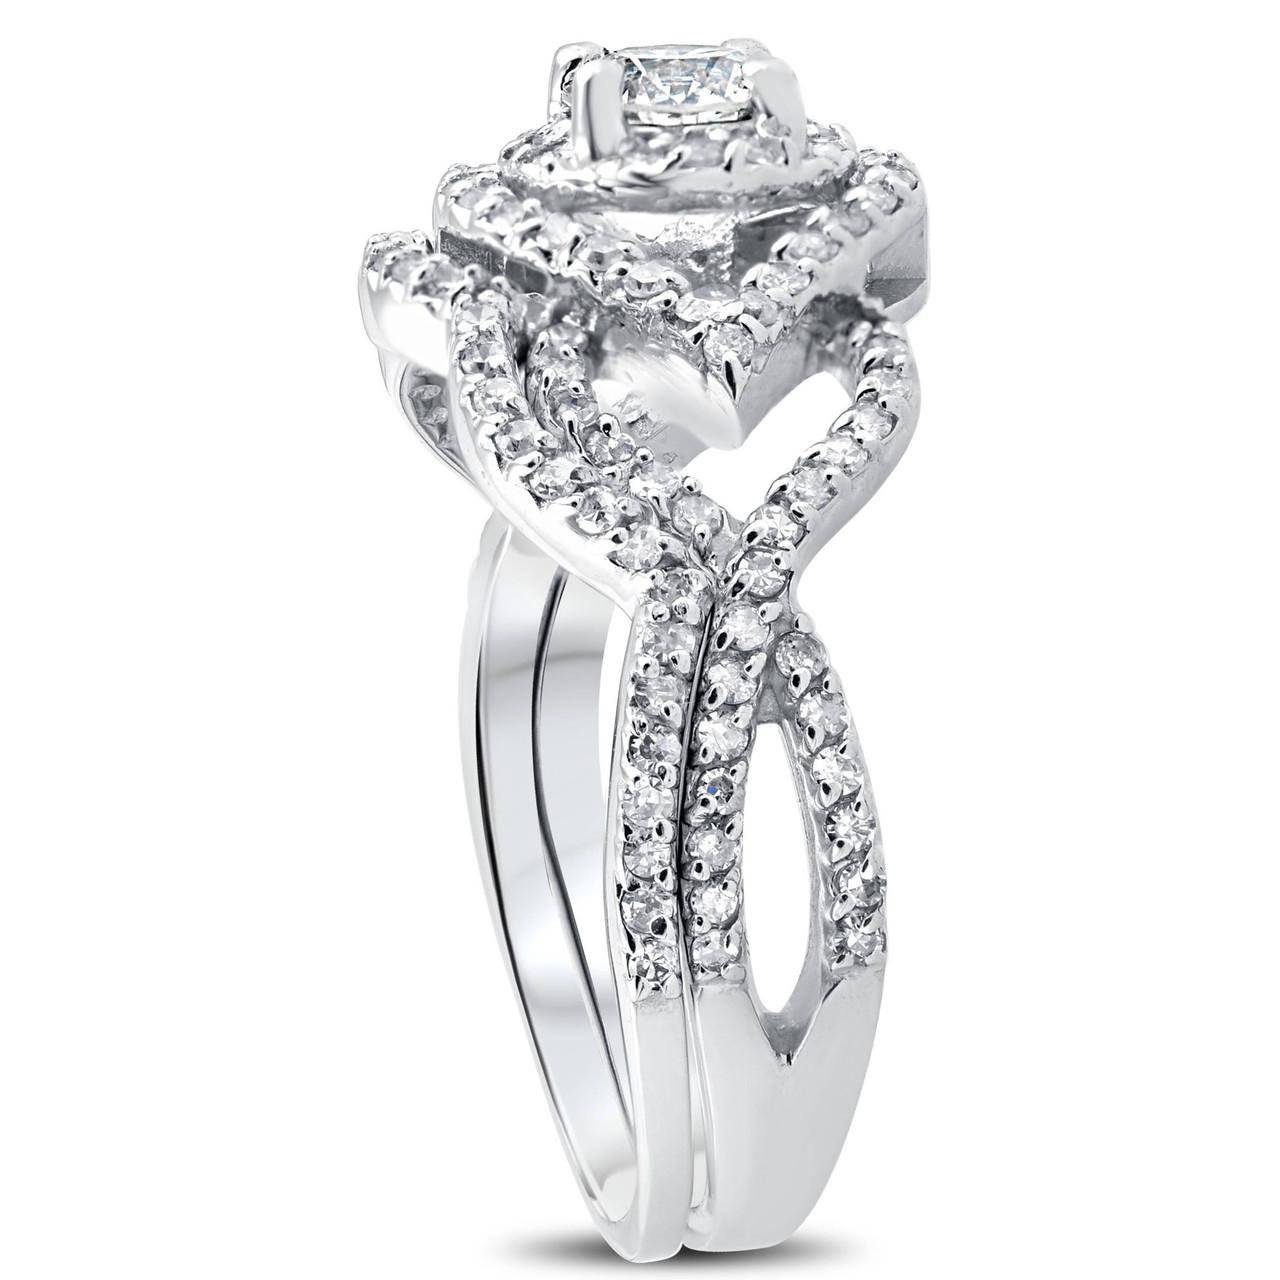 1 CT Diamond Intertwined Engagement Matching Wedding Ring Set 10K White  Gold (H/I, I1 I2)